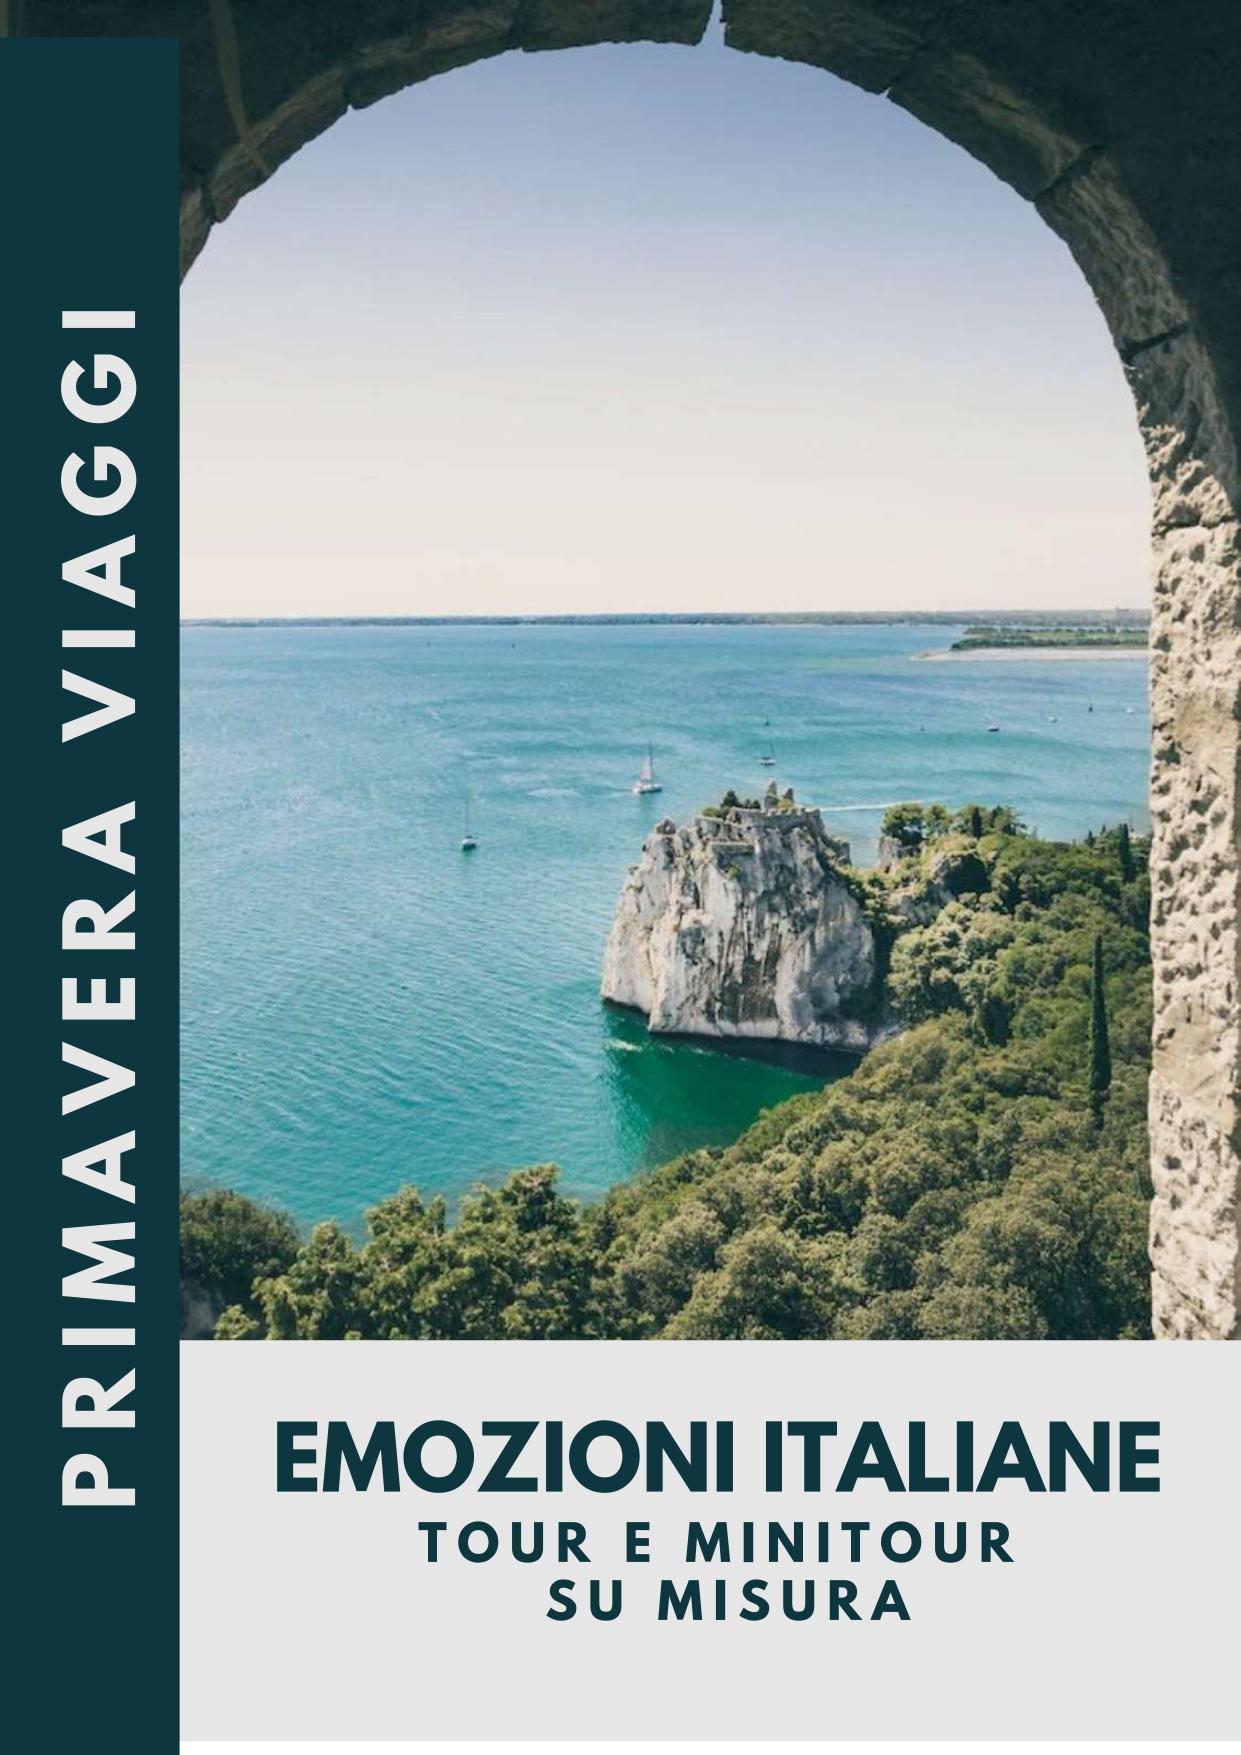 EMOZIONI ITALIANE